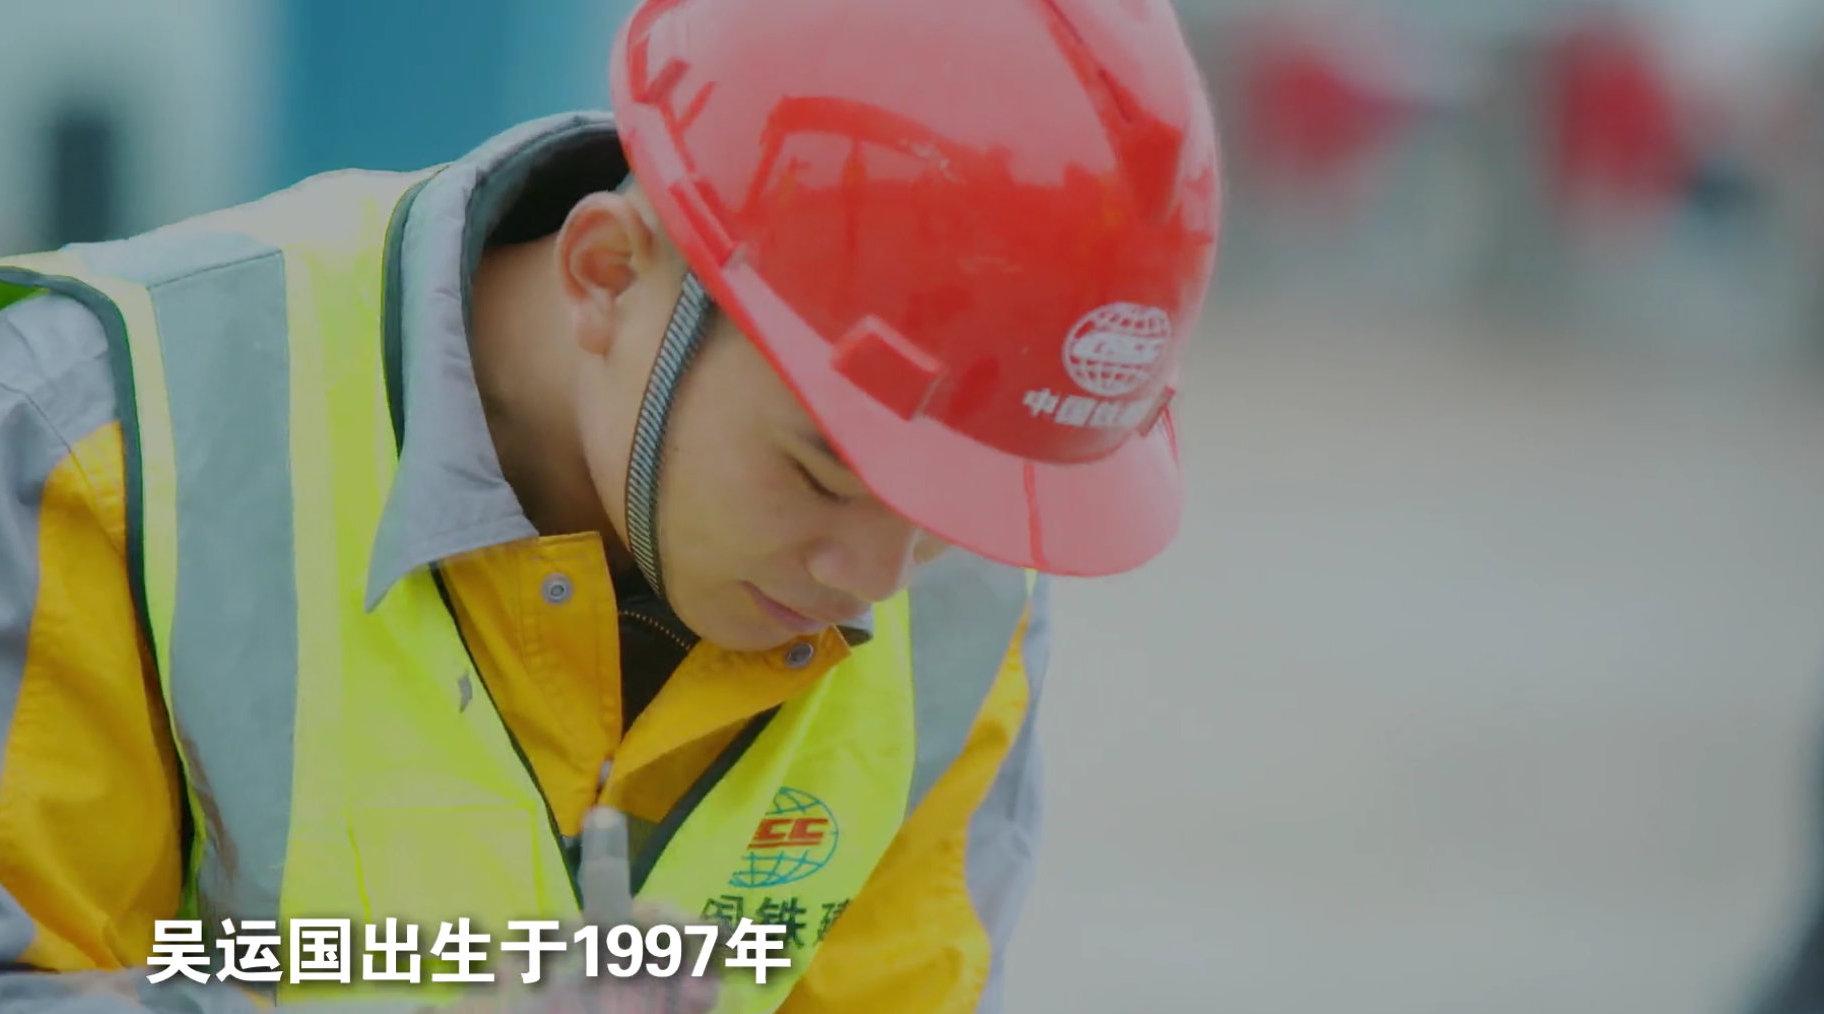 24小时随时待命!超级工程兴起的背后,95后新生代农民工令人敬佩